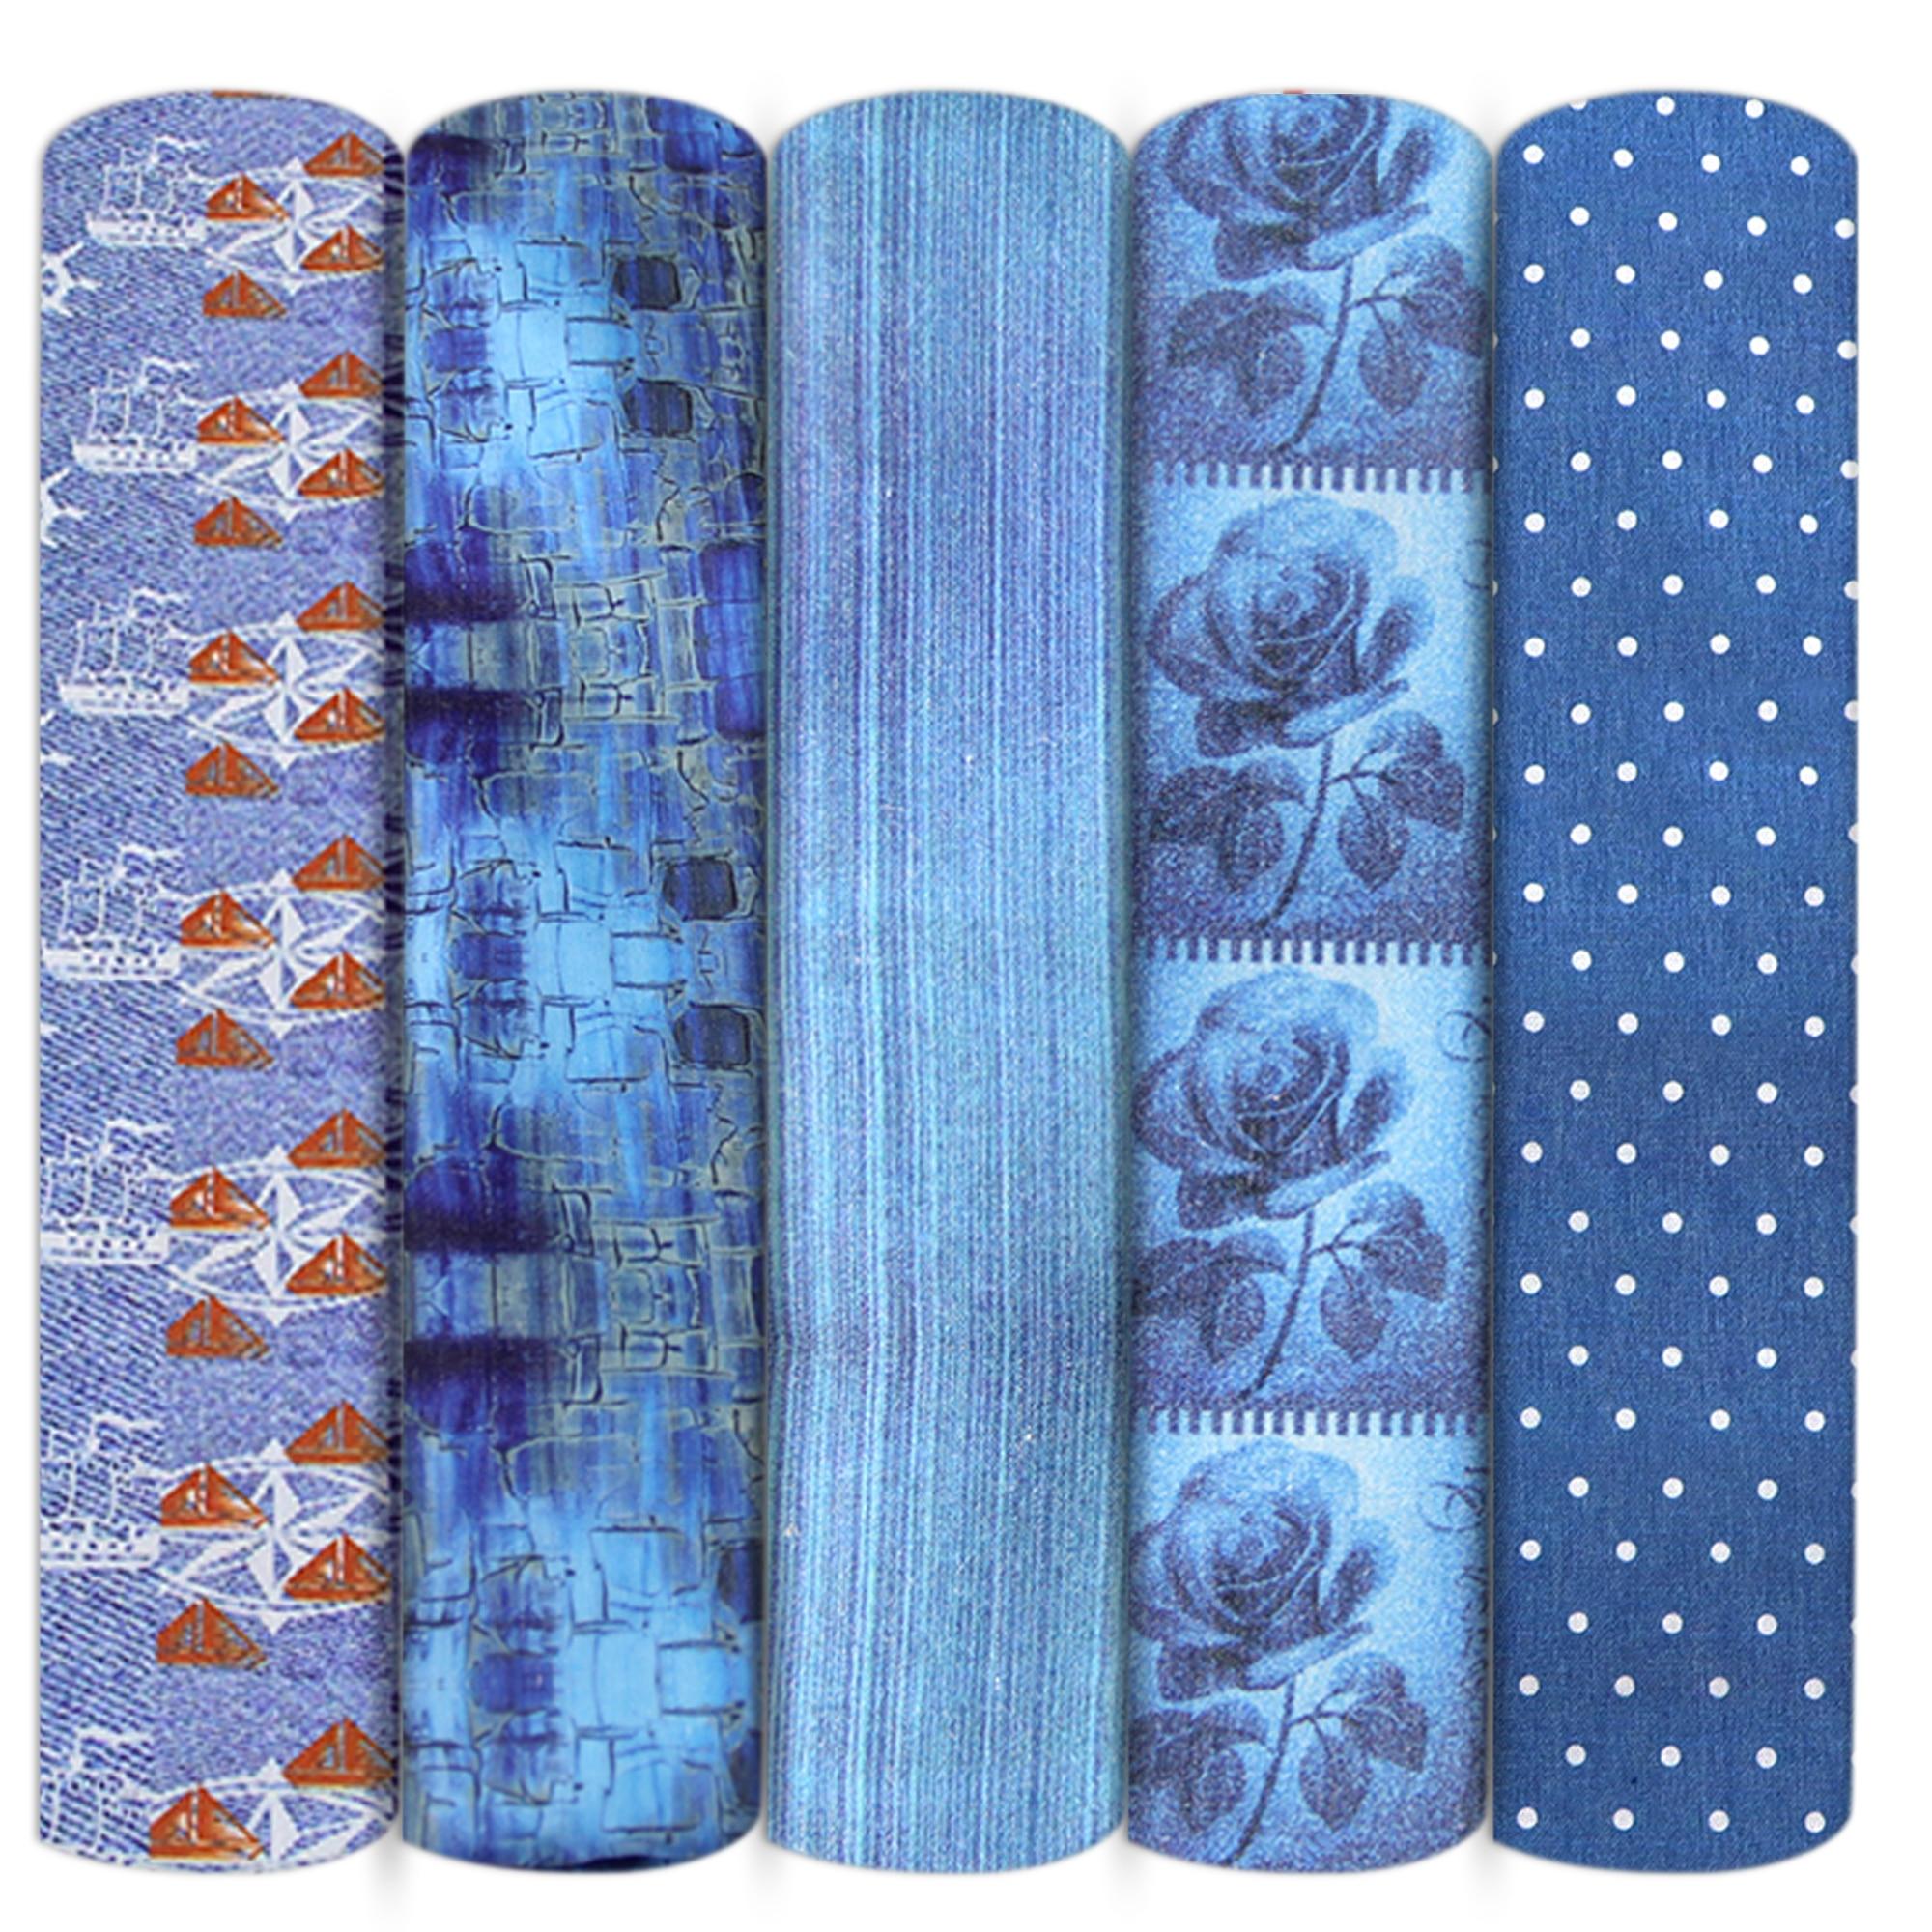 Джинсовая цветная ткань из полиэстера и хлопка, лоскутное шитье, квилтинг, рукоделие, ткань ручной работы «сделай сам», 1Yc14066